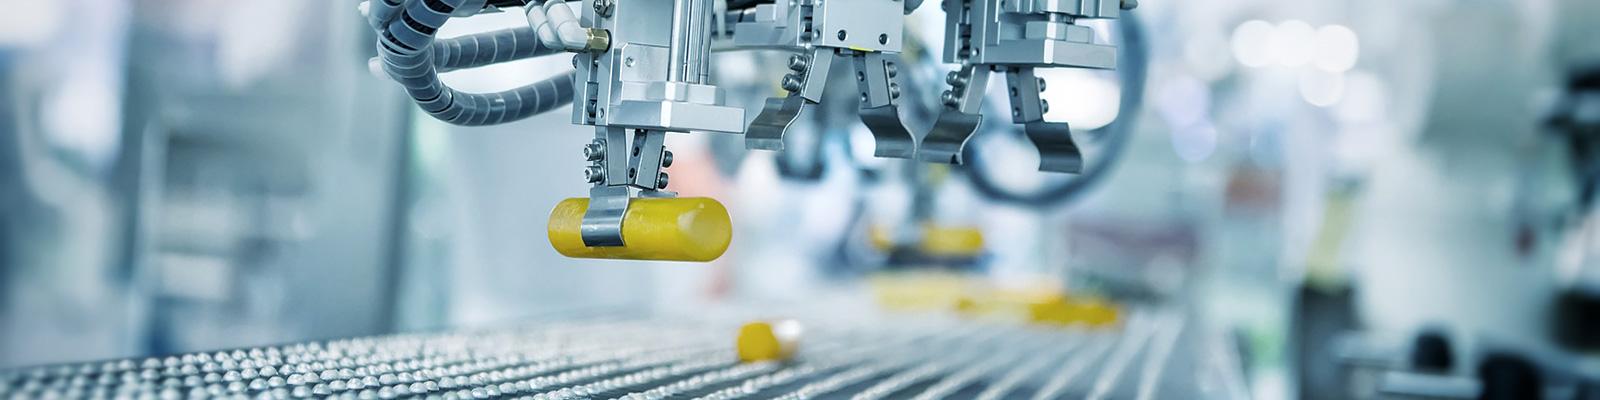 製造 工場 イメージ